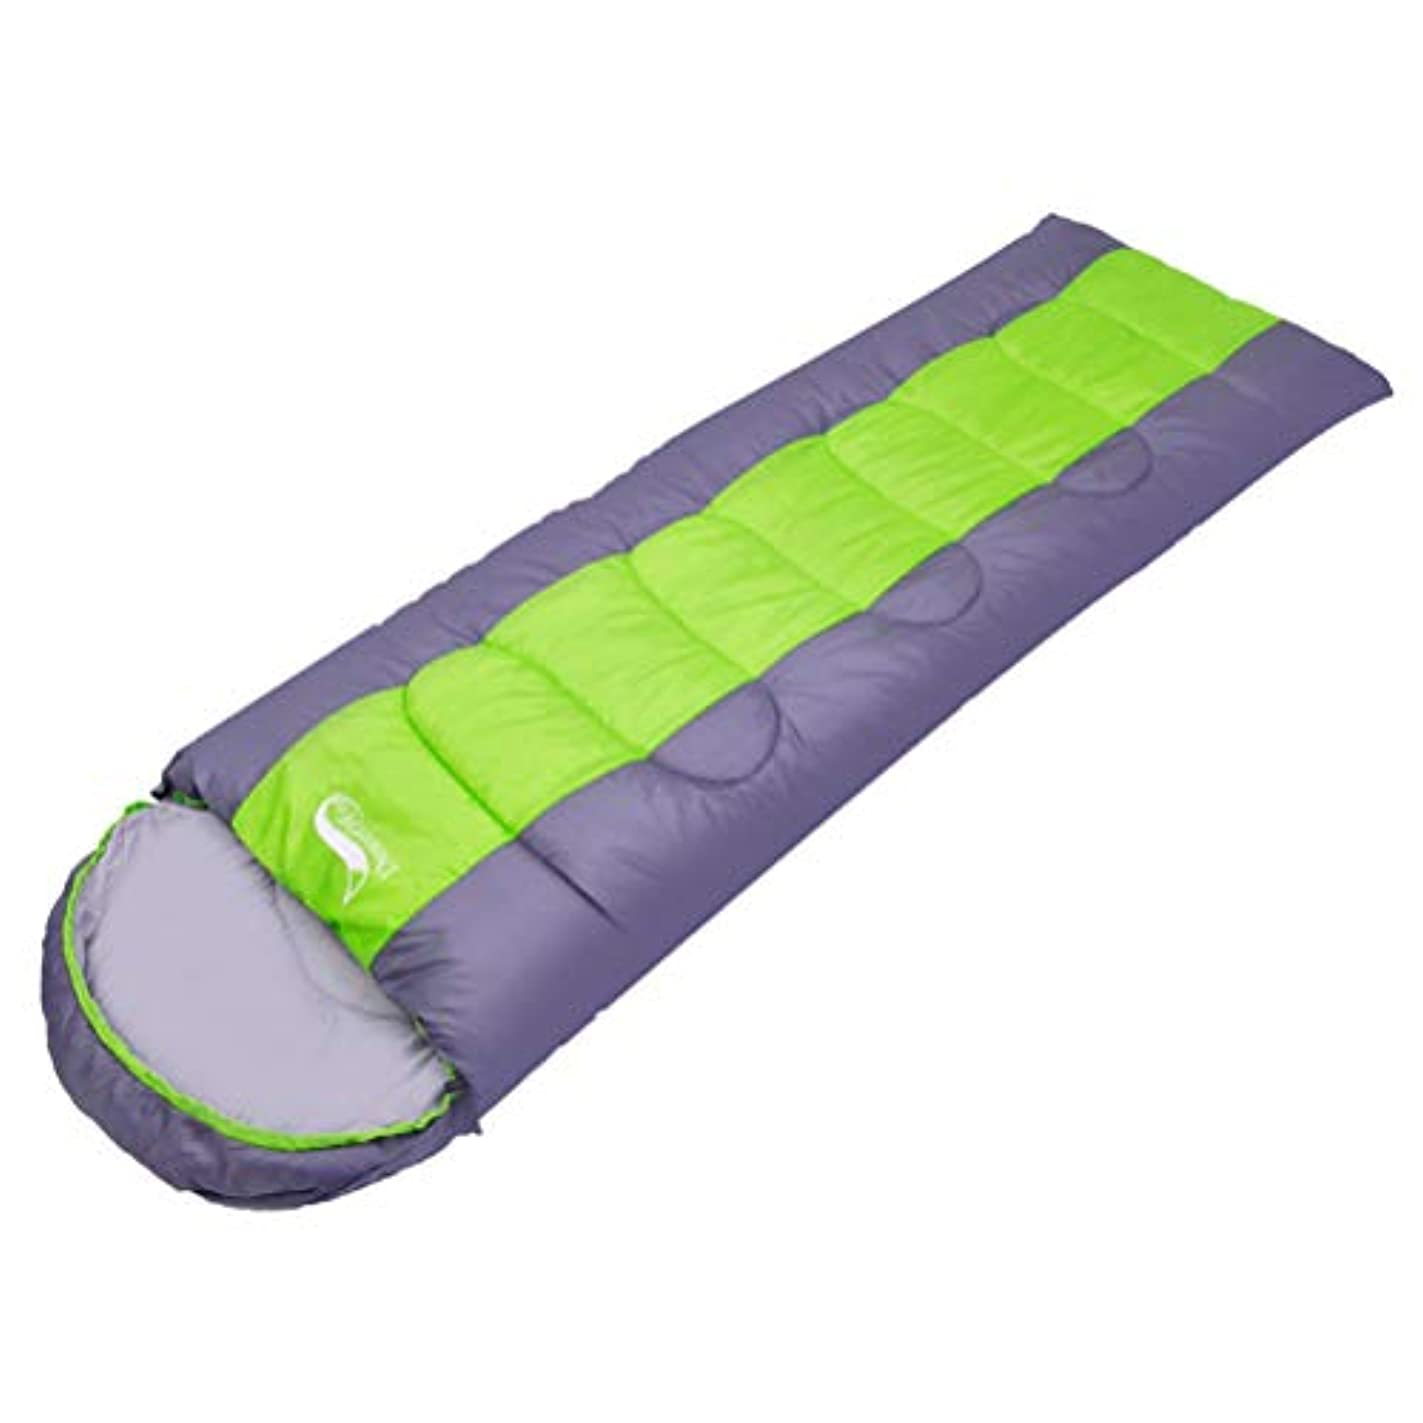 彼らエロチック潜在的な寝袋 封筒型 軽量 防水 コンパクト アウトドア 登山 車中泊 丸洗い オールシーズン 夏用 冬用 収納袋付き